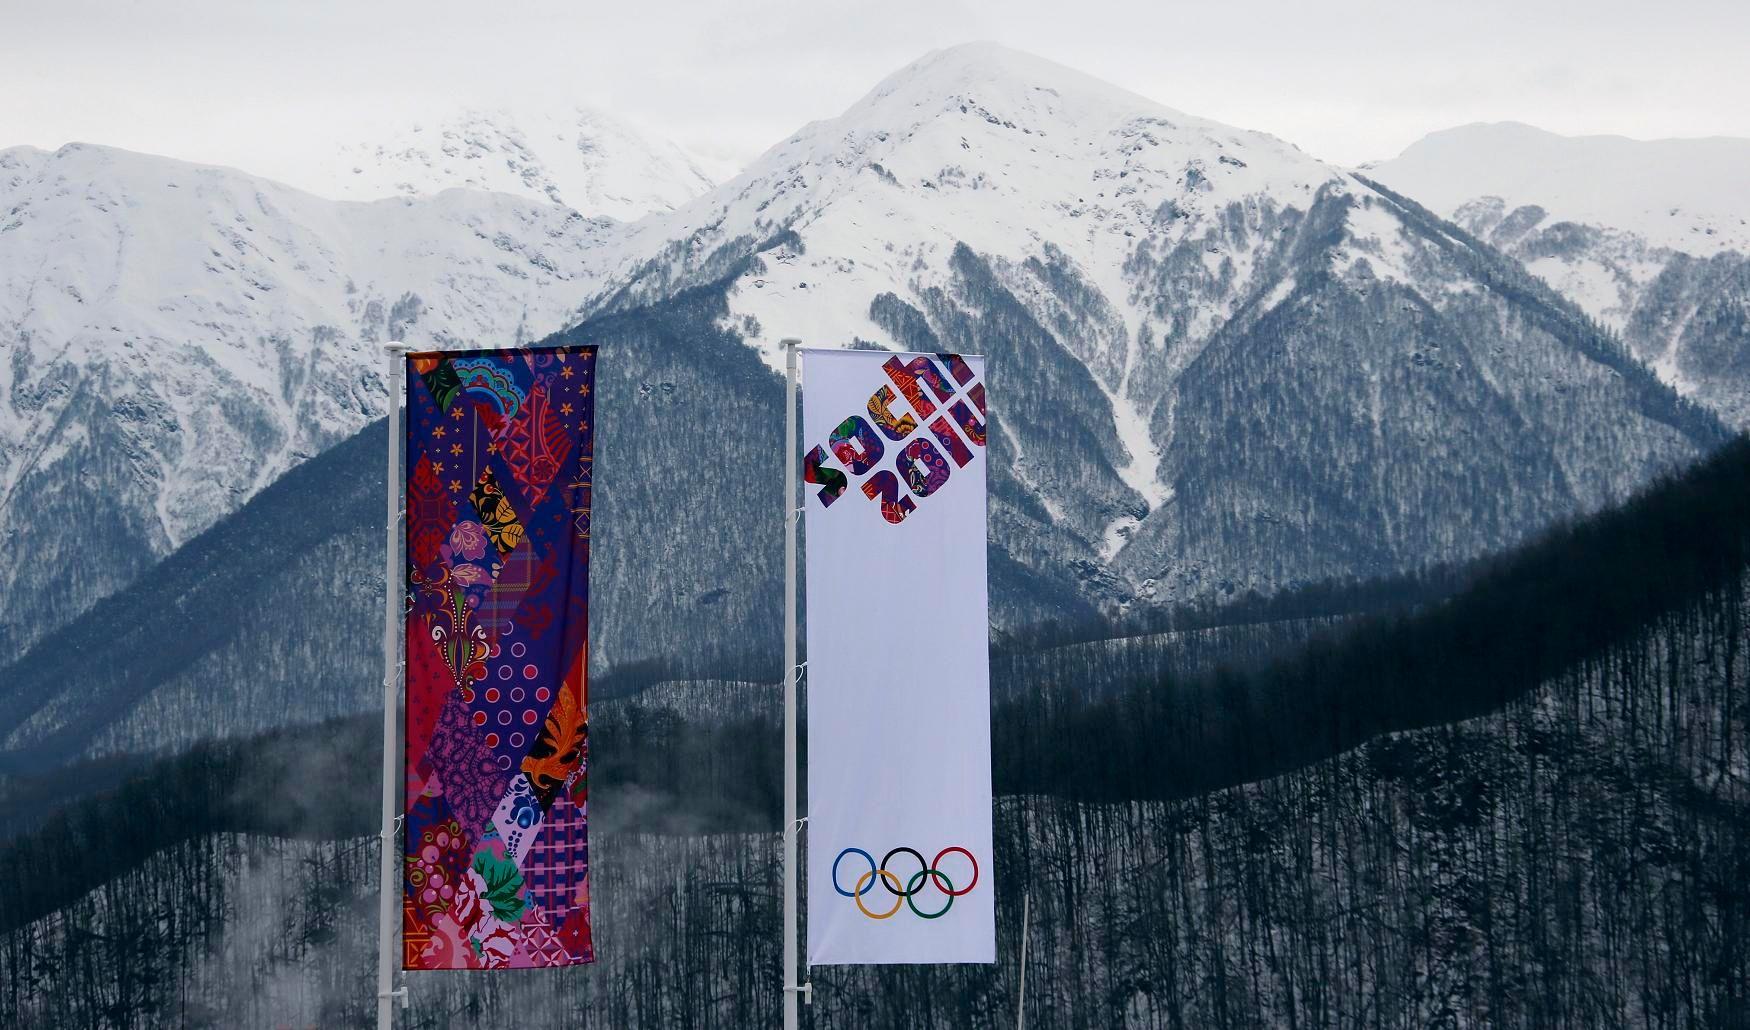 La France devrait revenir avec 13 médailles des JO de Sotchi